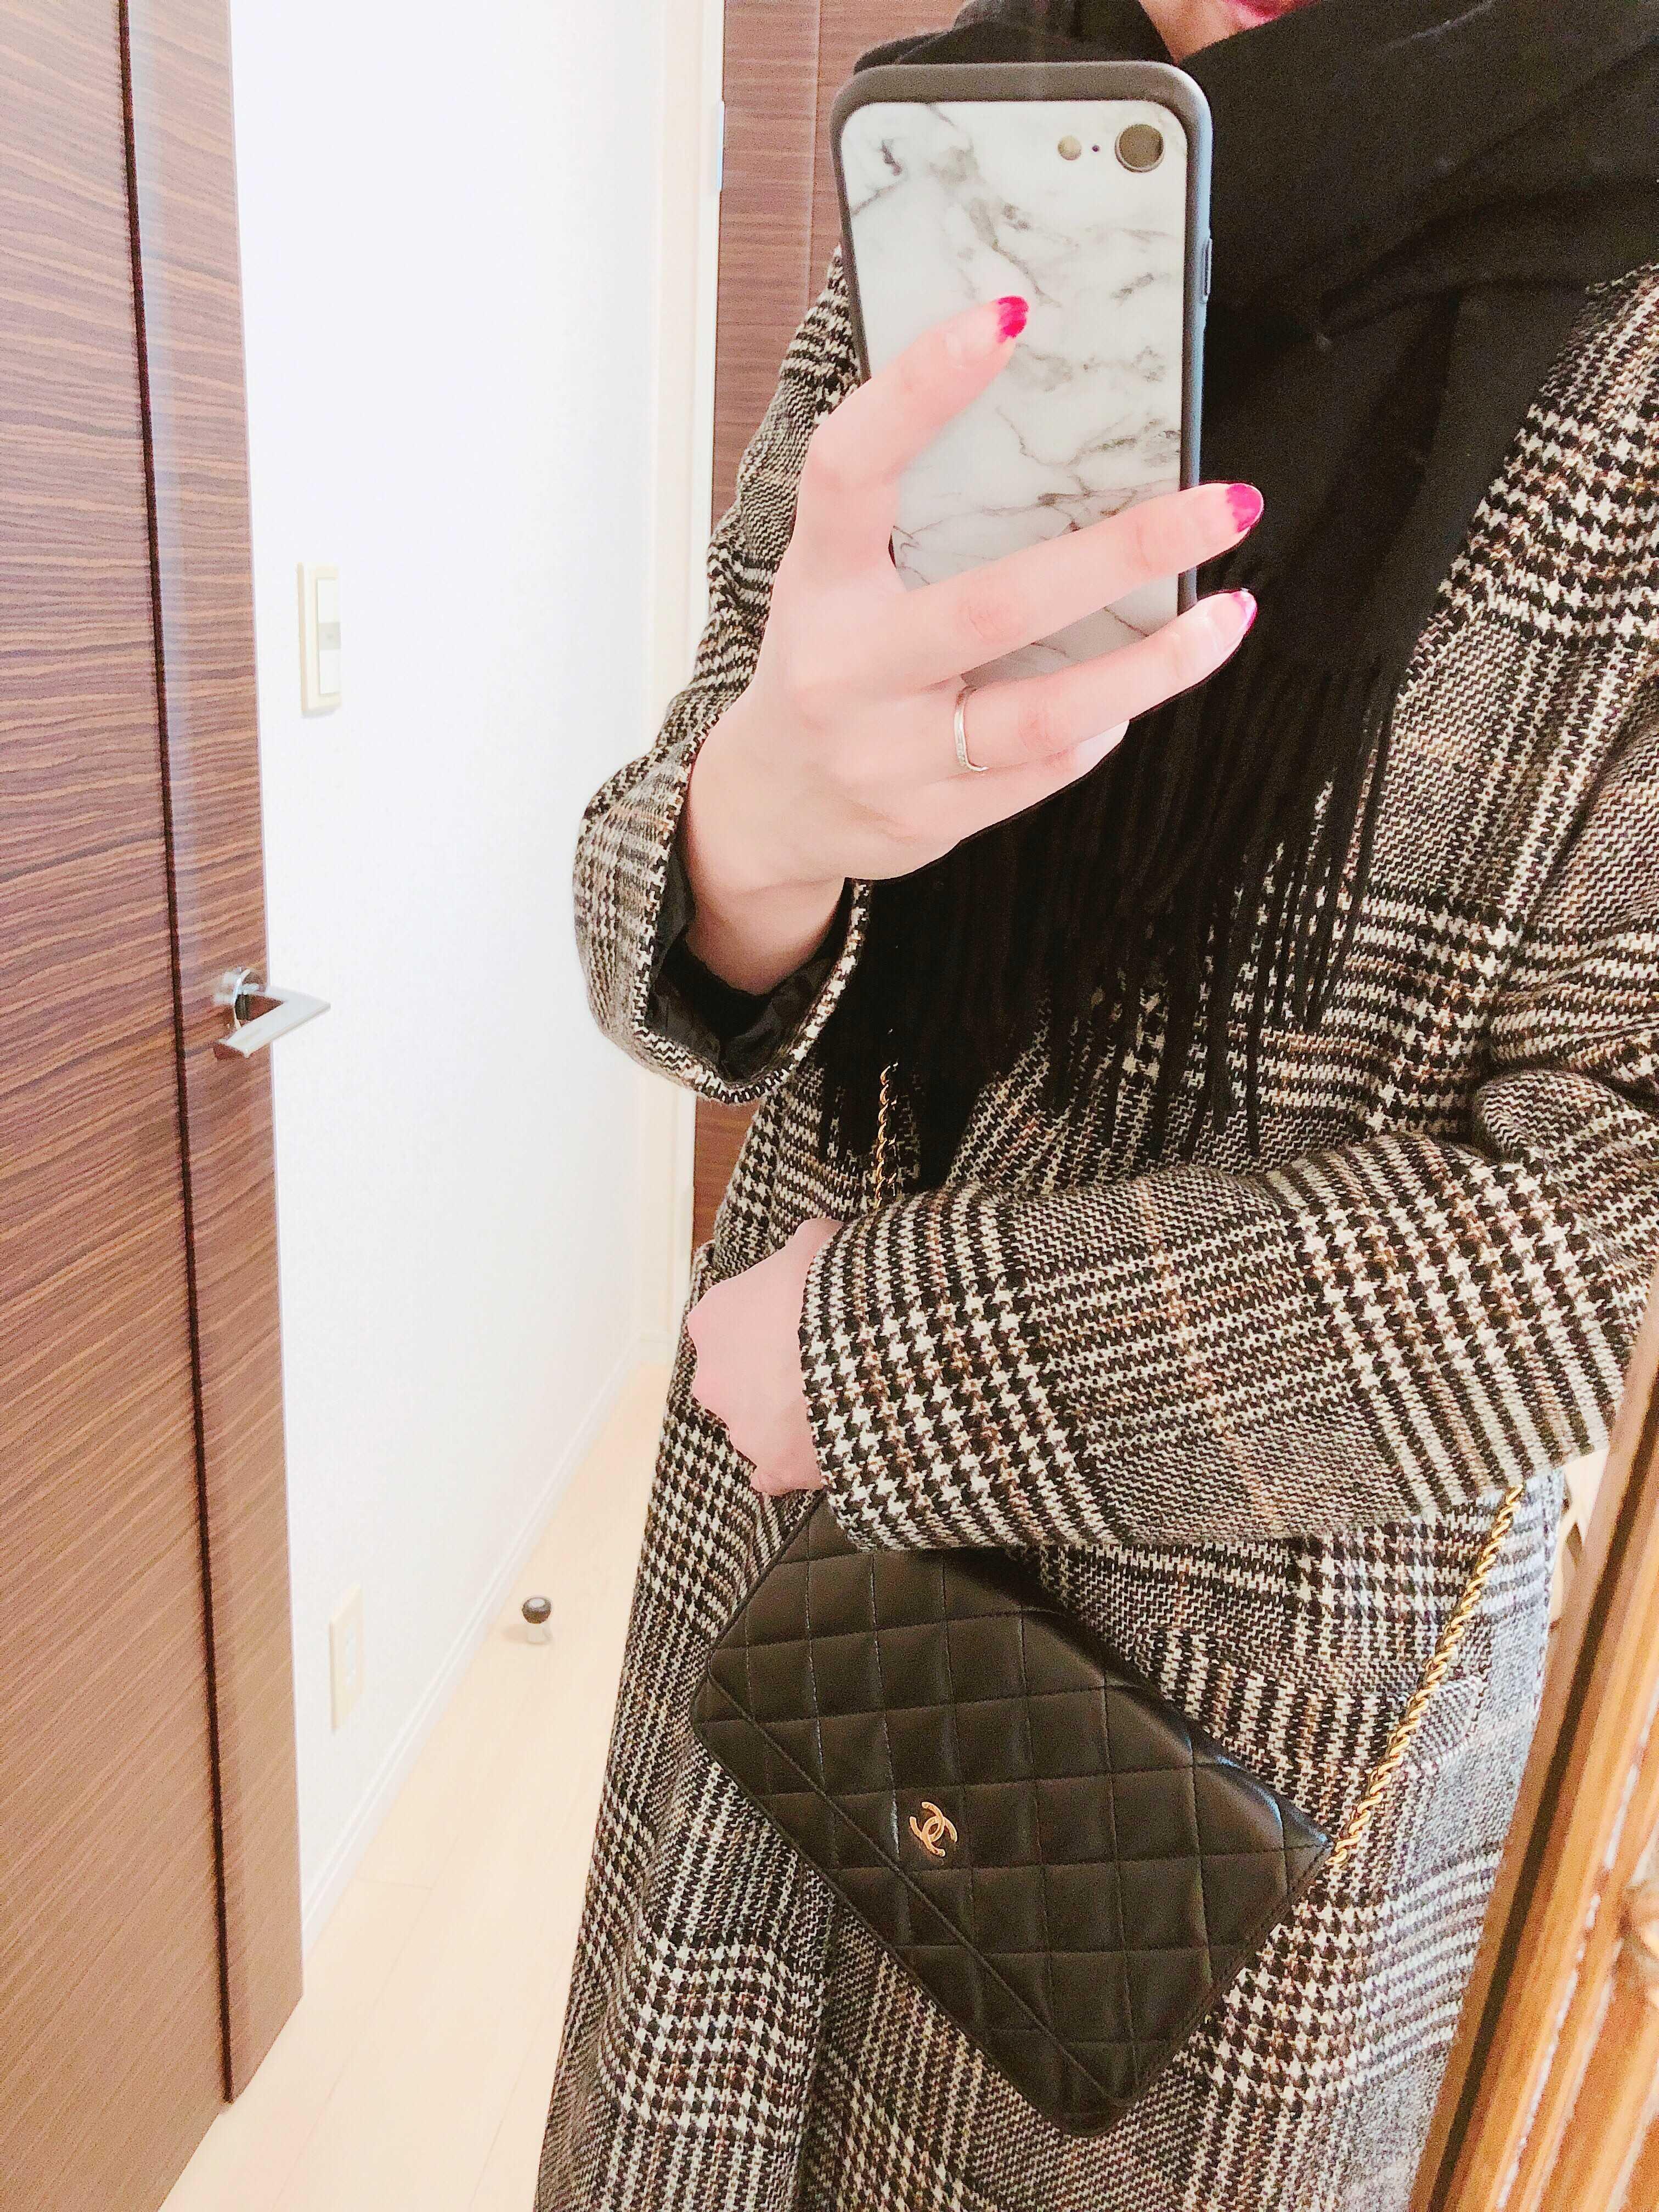 f:id:asaasakorokoro:20200119231516j:image